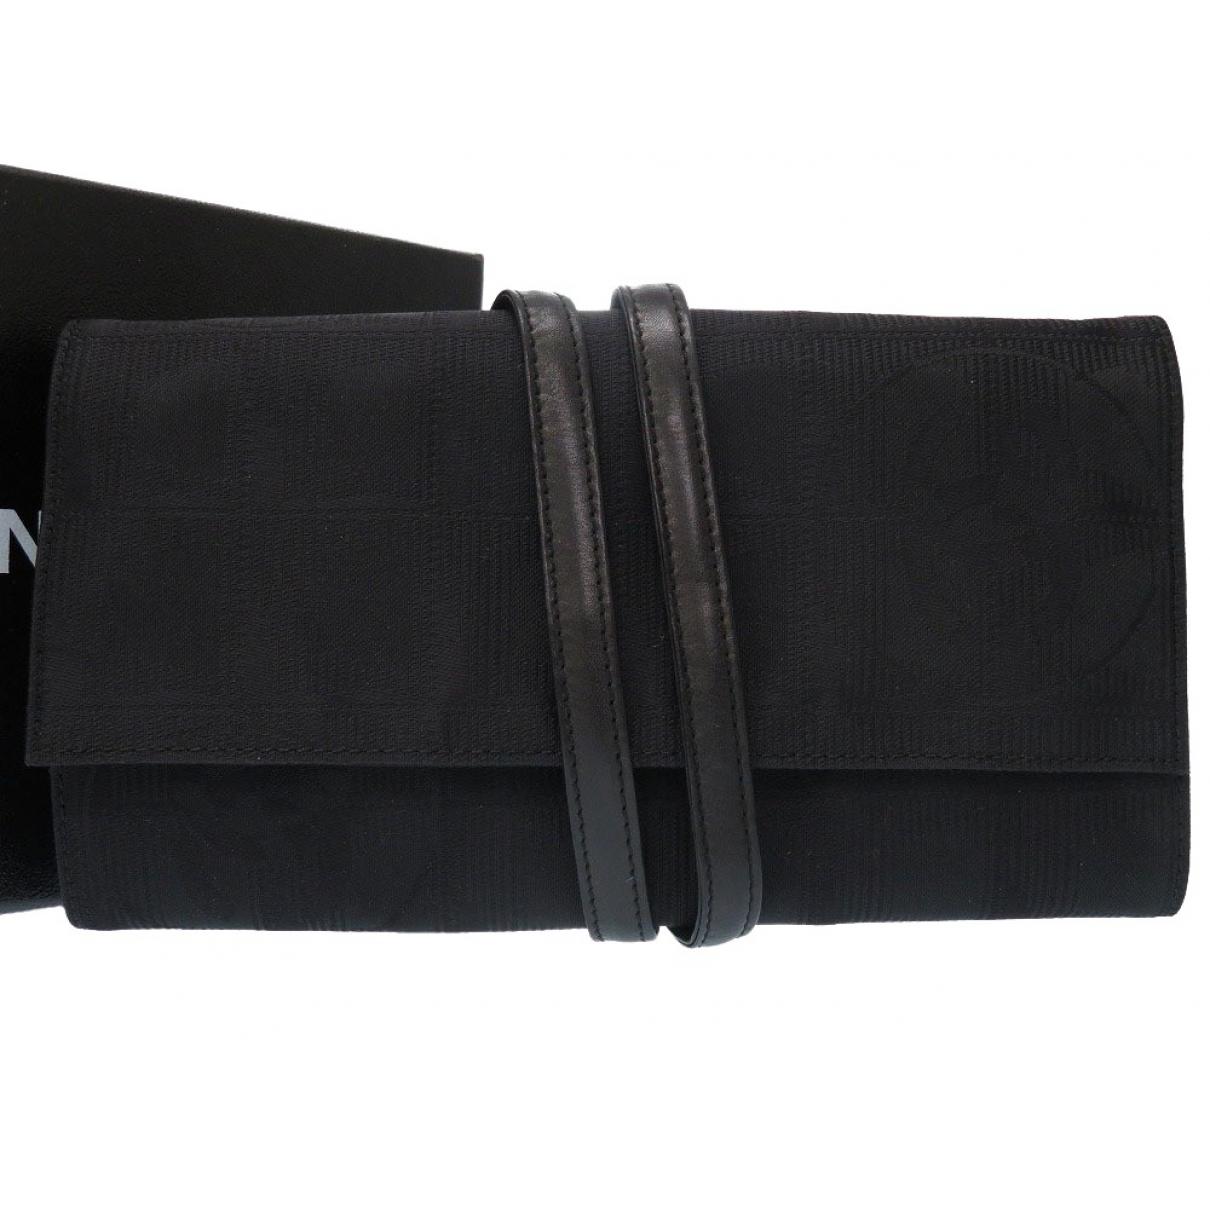 Chanel \N Black Cloth Clutch bag for Women \N